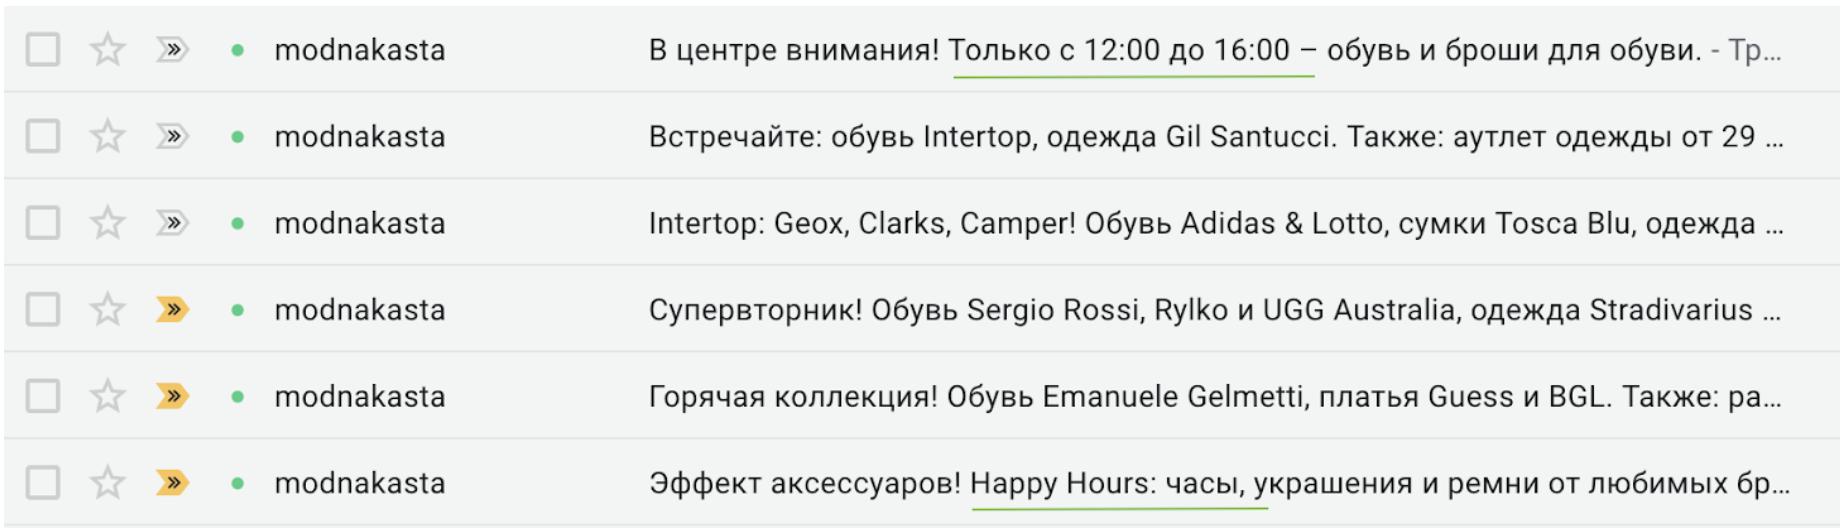 Пример акции длительностью 4 часа